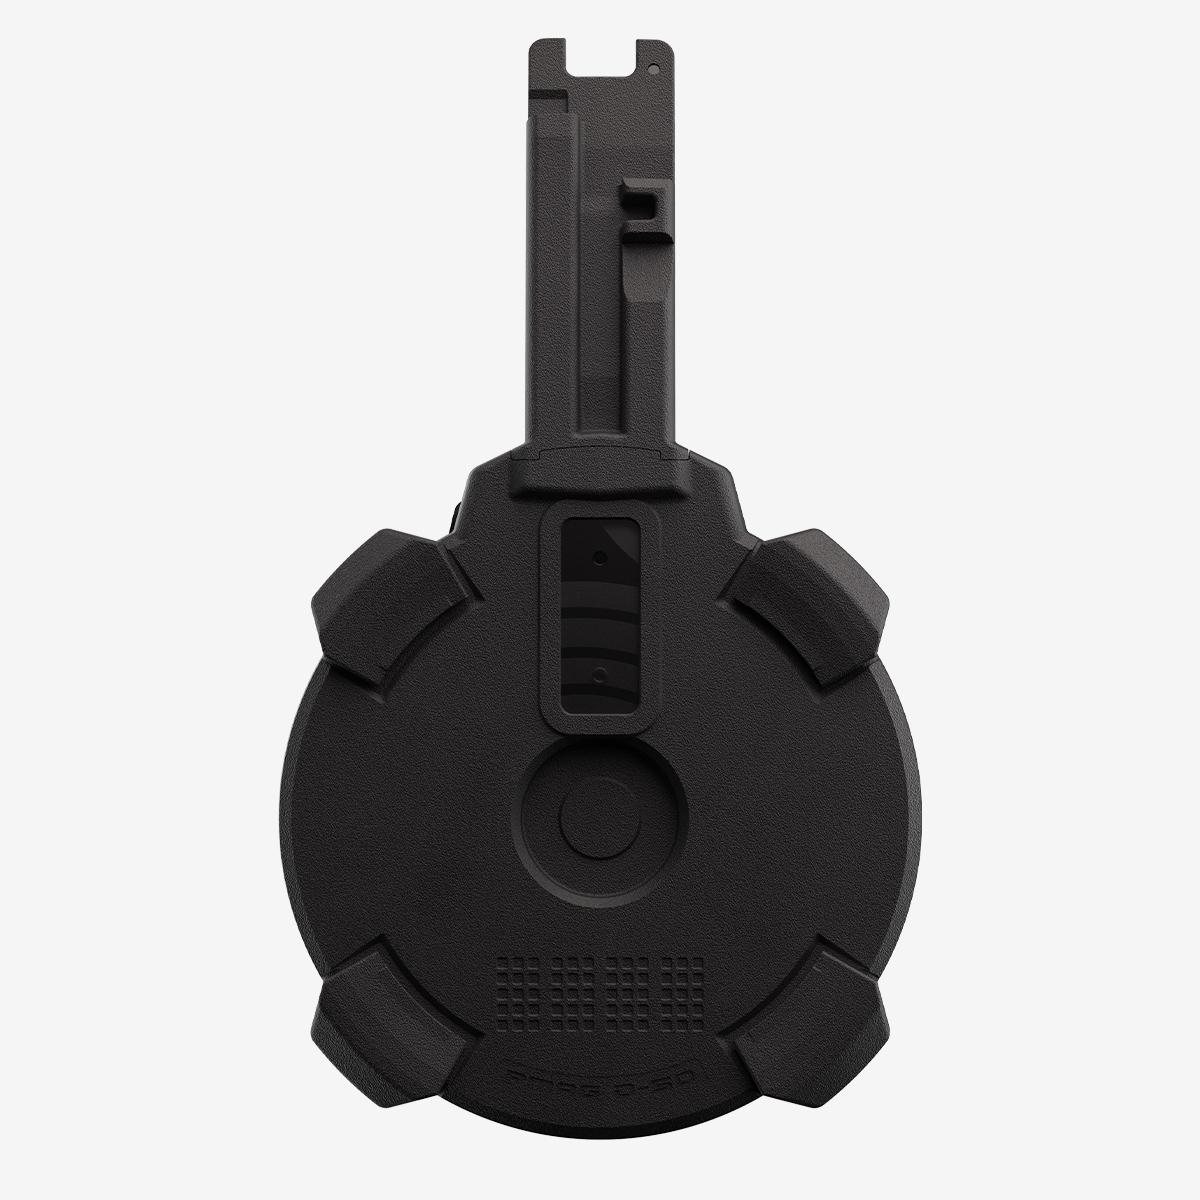 magpul industries pmag scorpion evo 3 d-50 ev9 drum mag 9mm